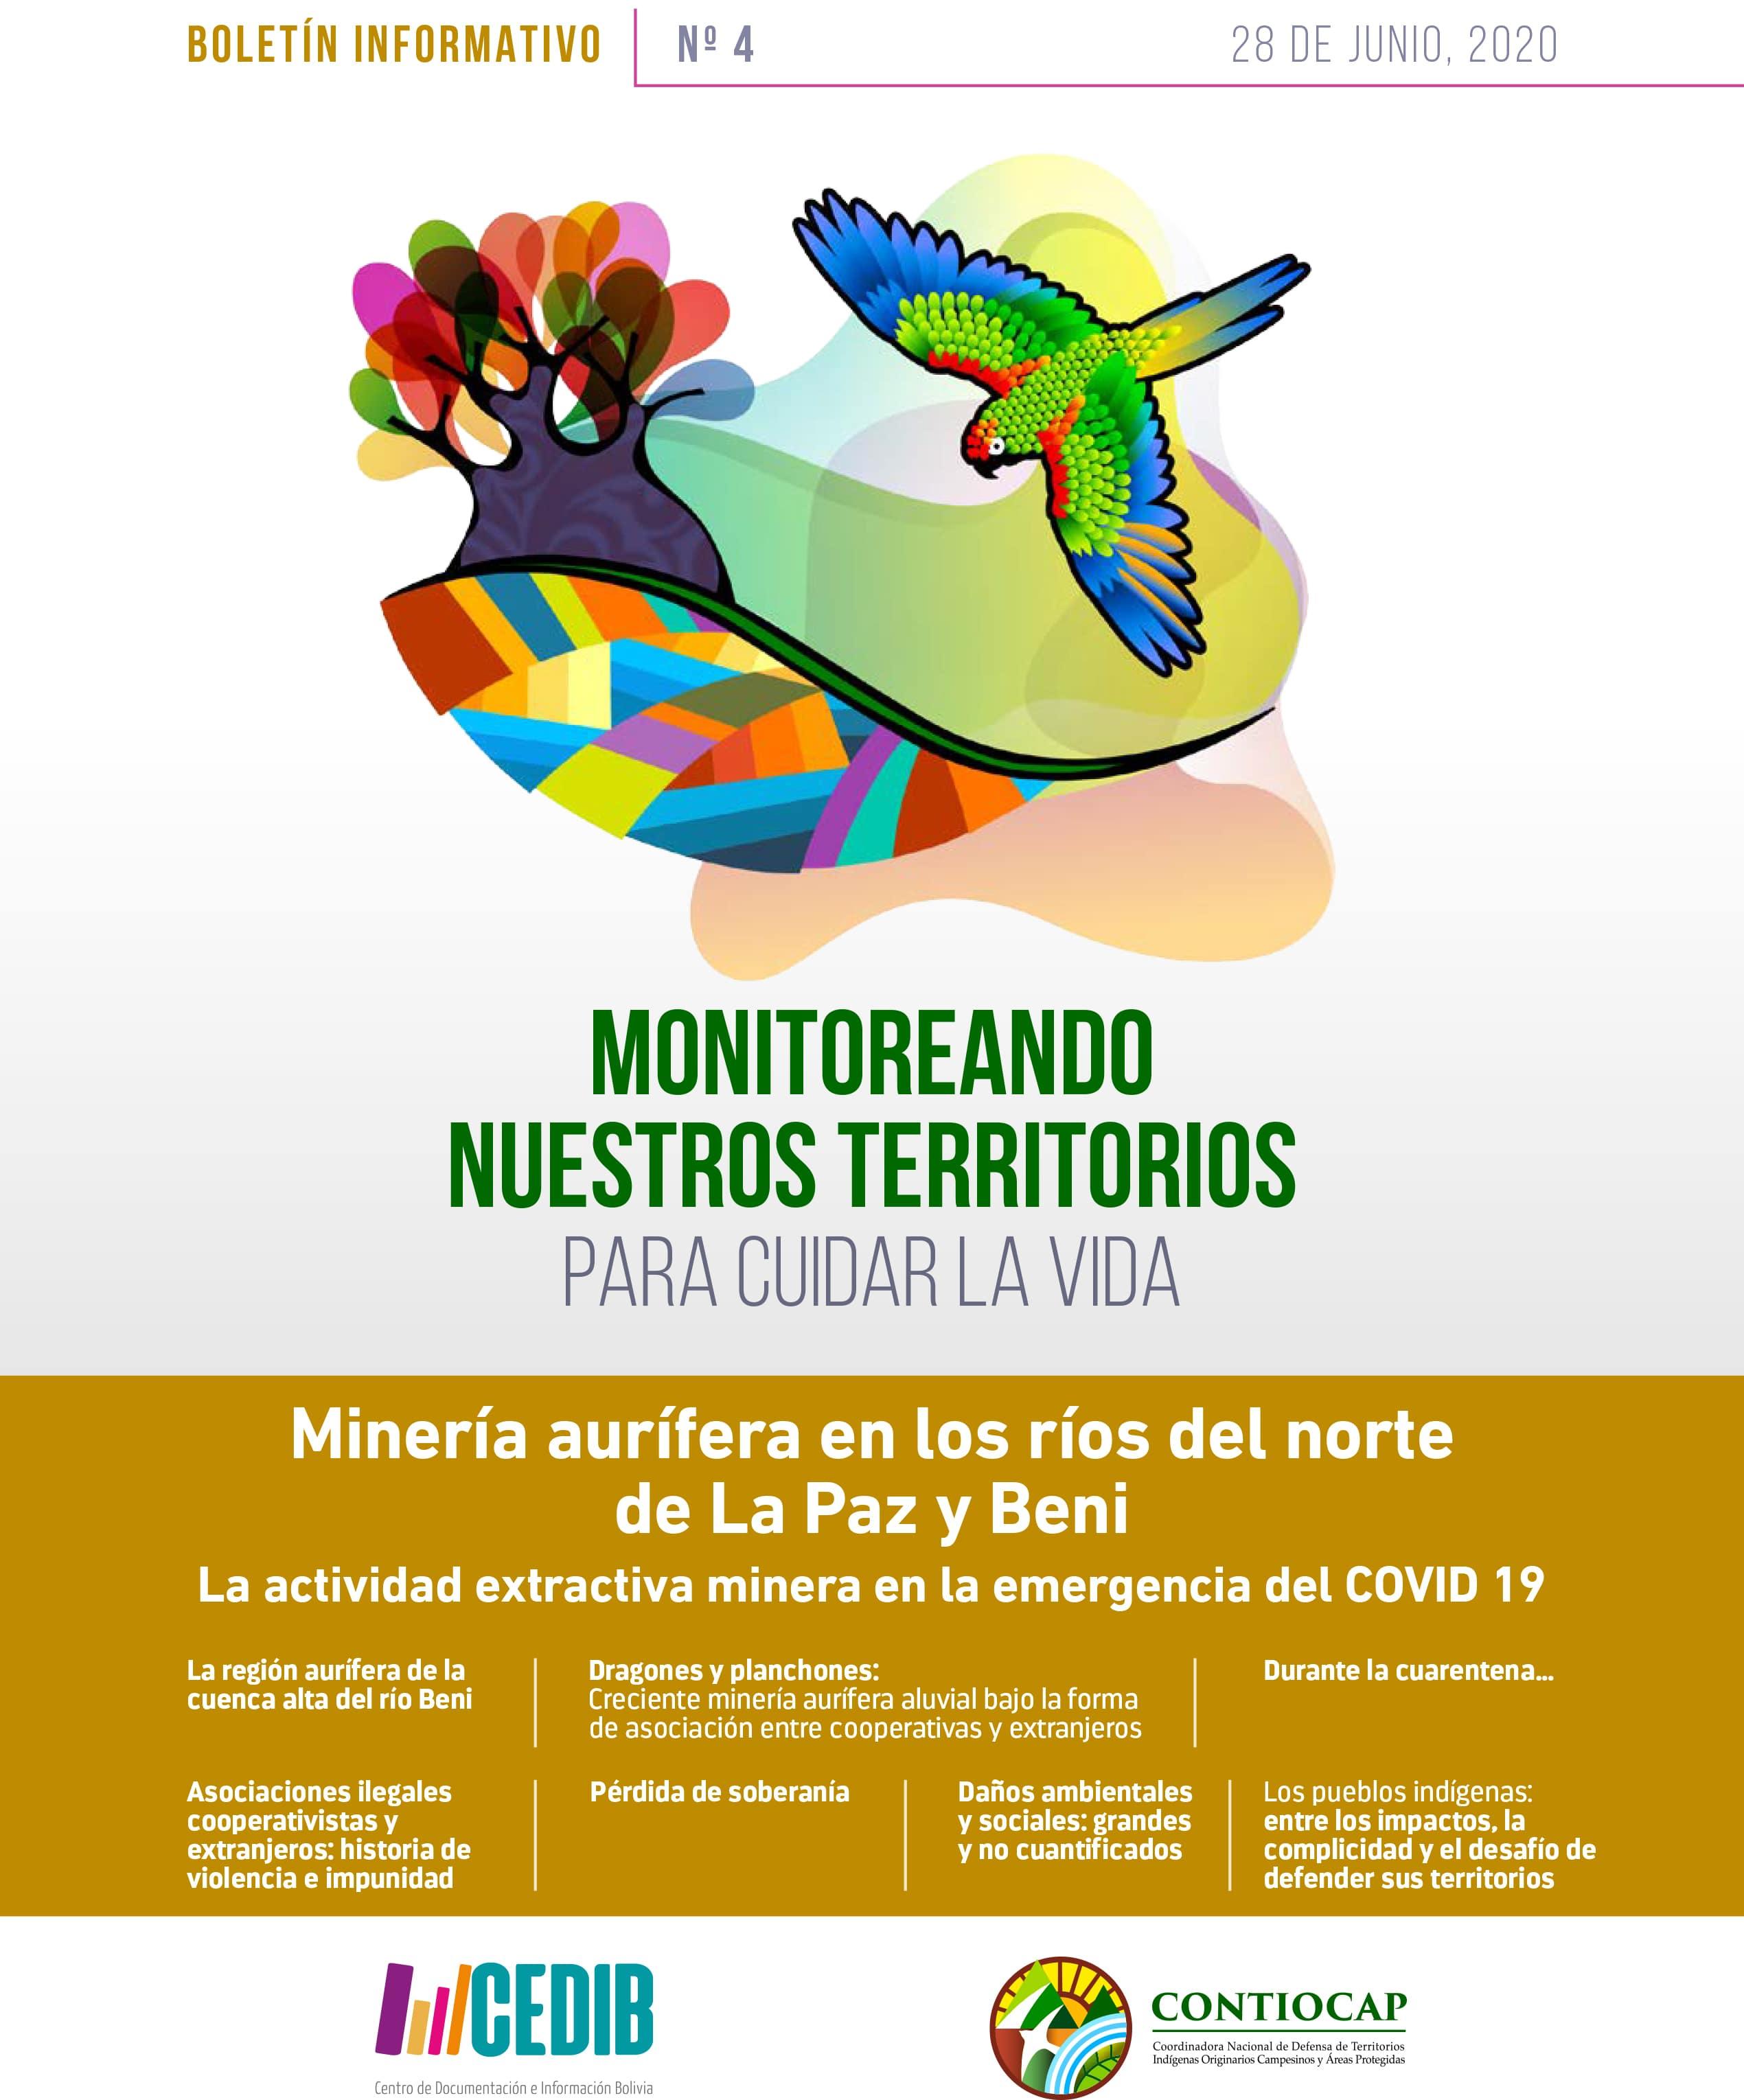 Monitoreando nuestros territorios para cuidar la vida – Boletín CONTIOCAP #4: La actividad extractiva minera en la emergencia del COVID 19